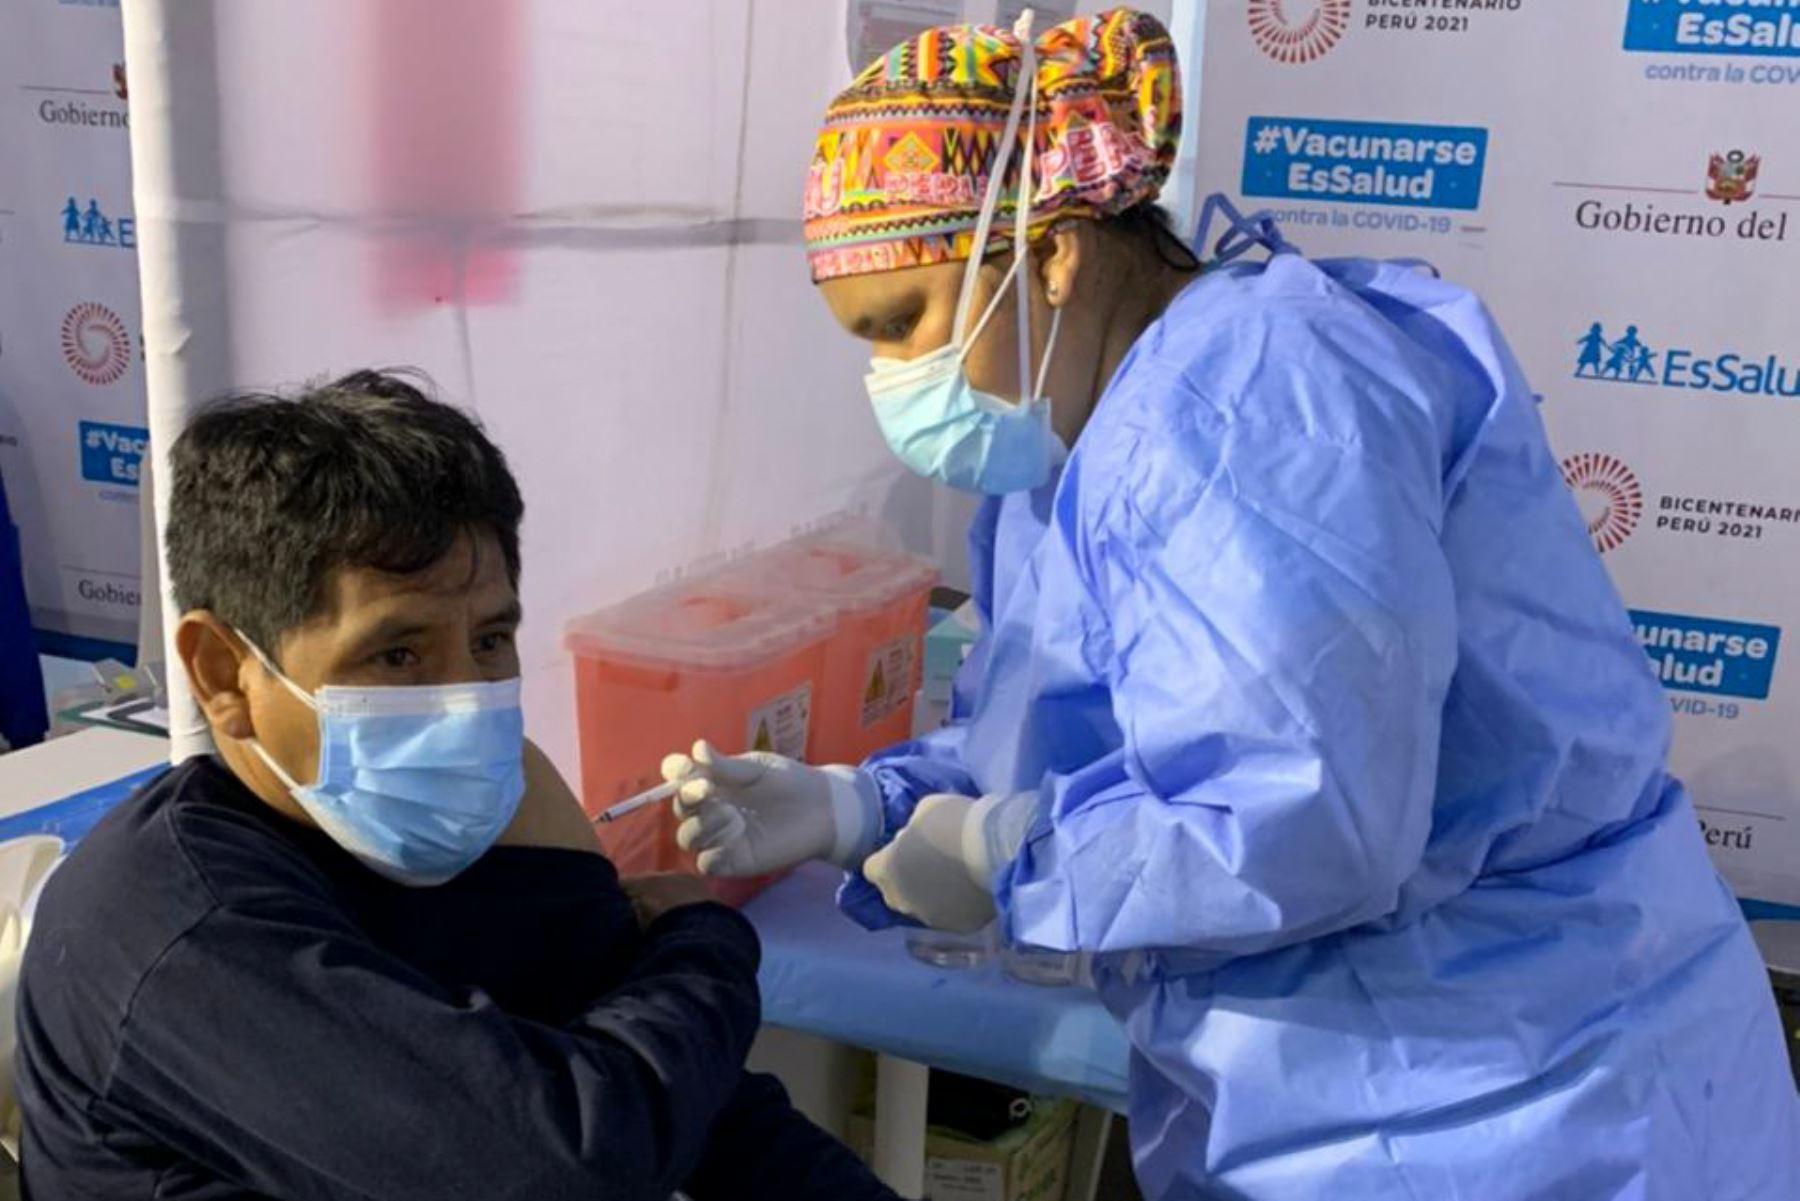 Continua tercera jornada del Vacunatón que se realizará durante 36 horas seguidas, desde las 7 a.m. del sábado 24 hasta las 7 p.m. del domingo 25 de julio, en 22 locales de vacunación habilitados en Lima y Callao. Foto: ANDINA/Essalud